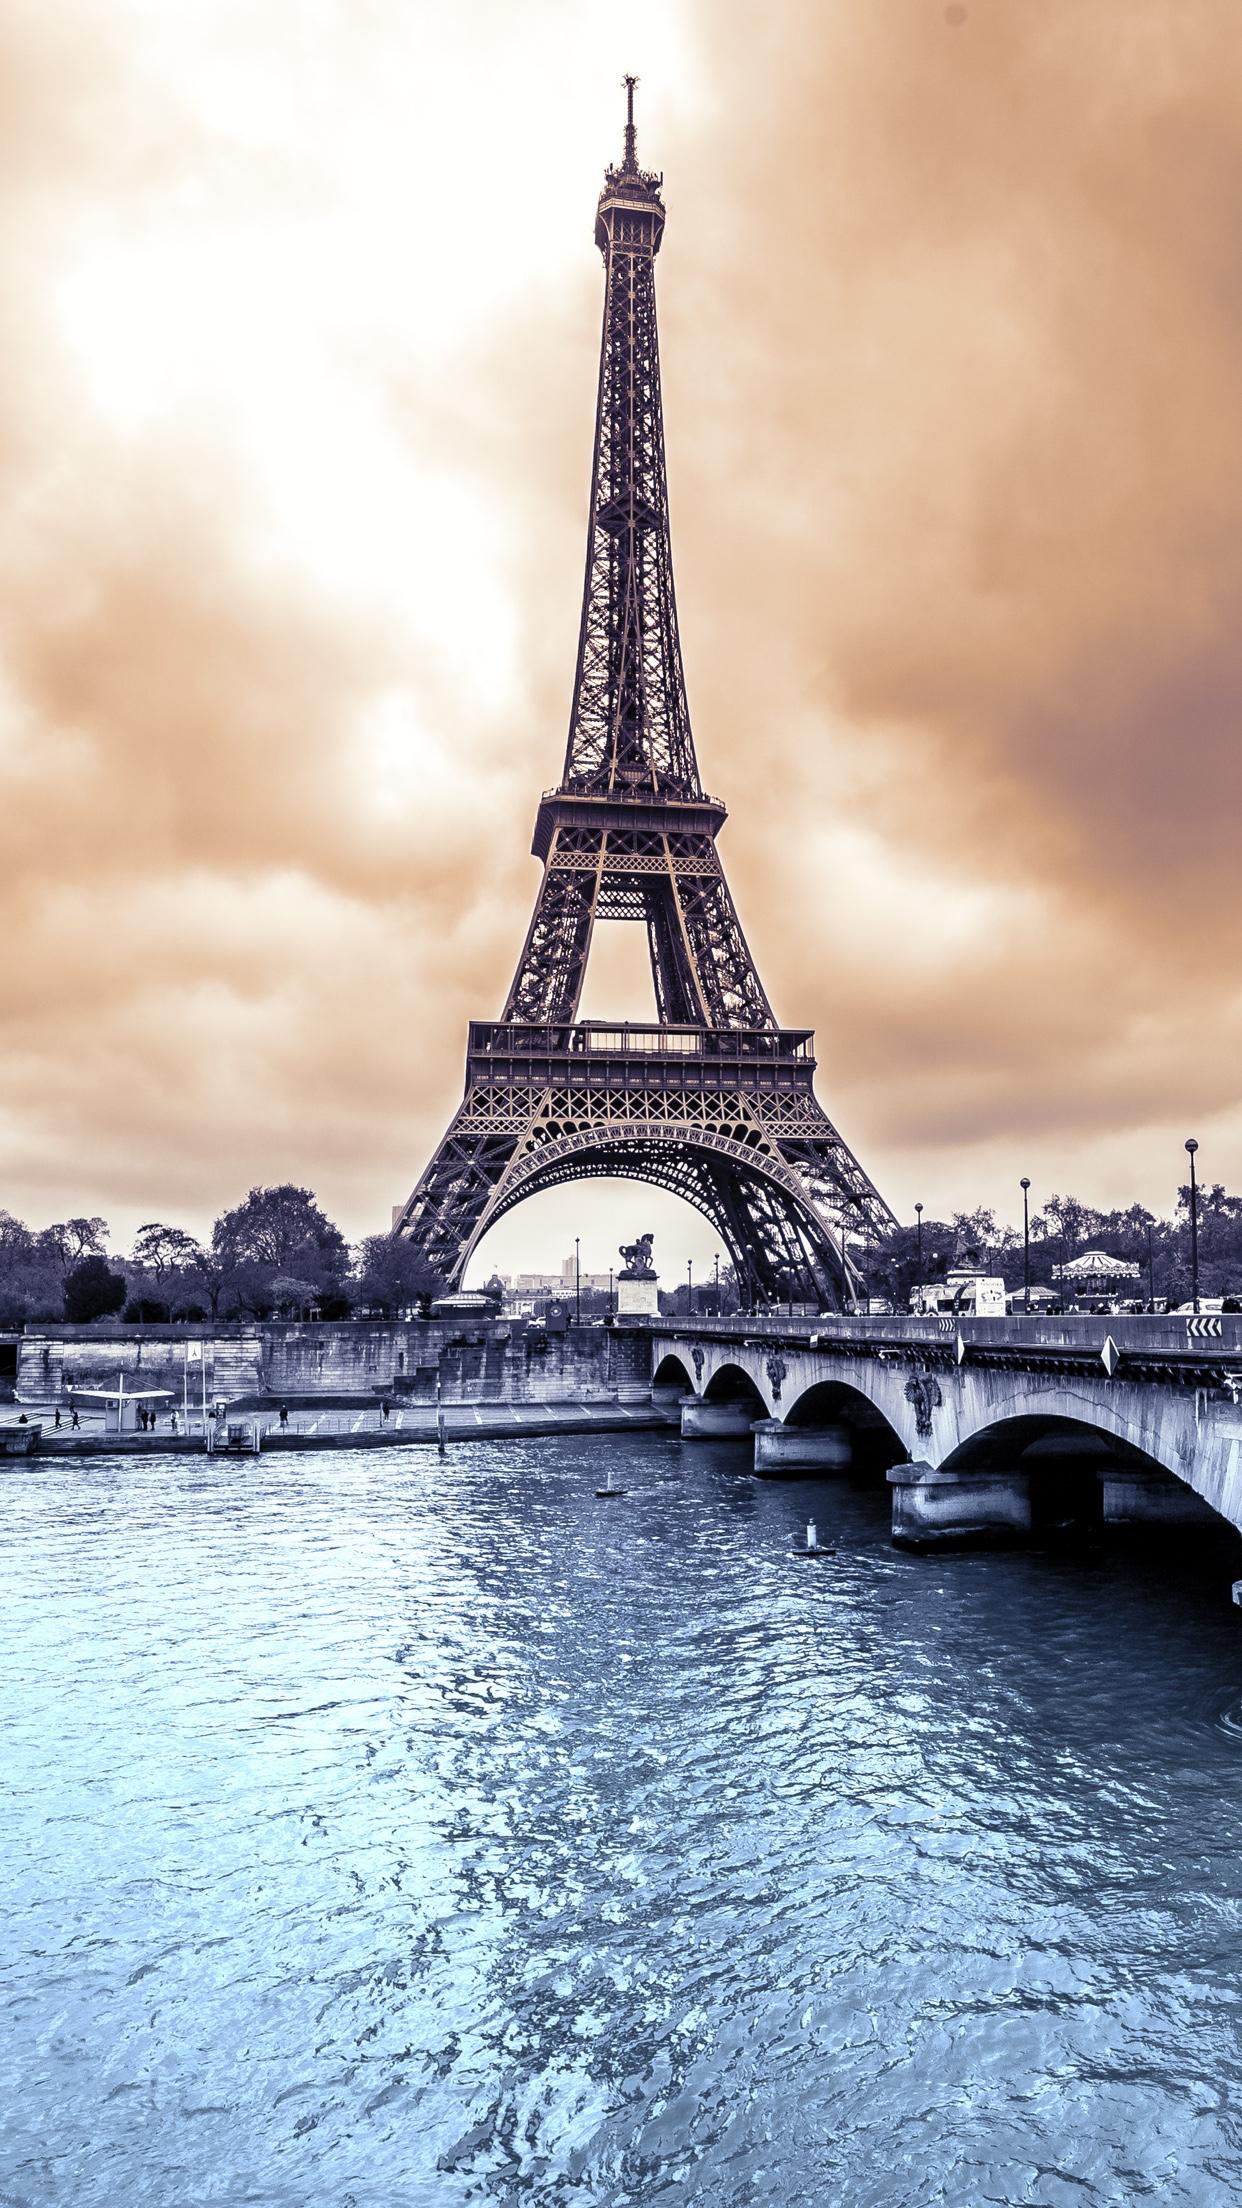 Iphone Wallpaper Paris Wallpaper Paris Background Paris Pictures